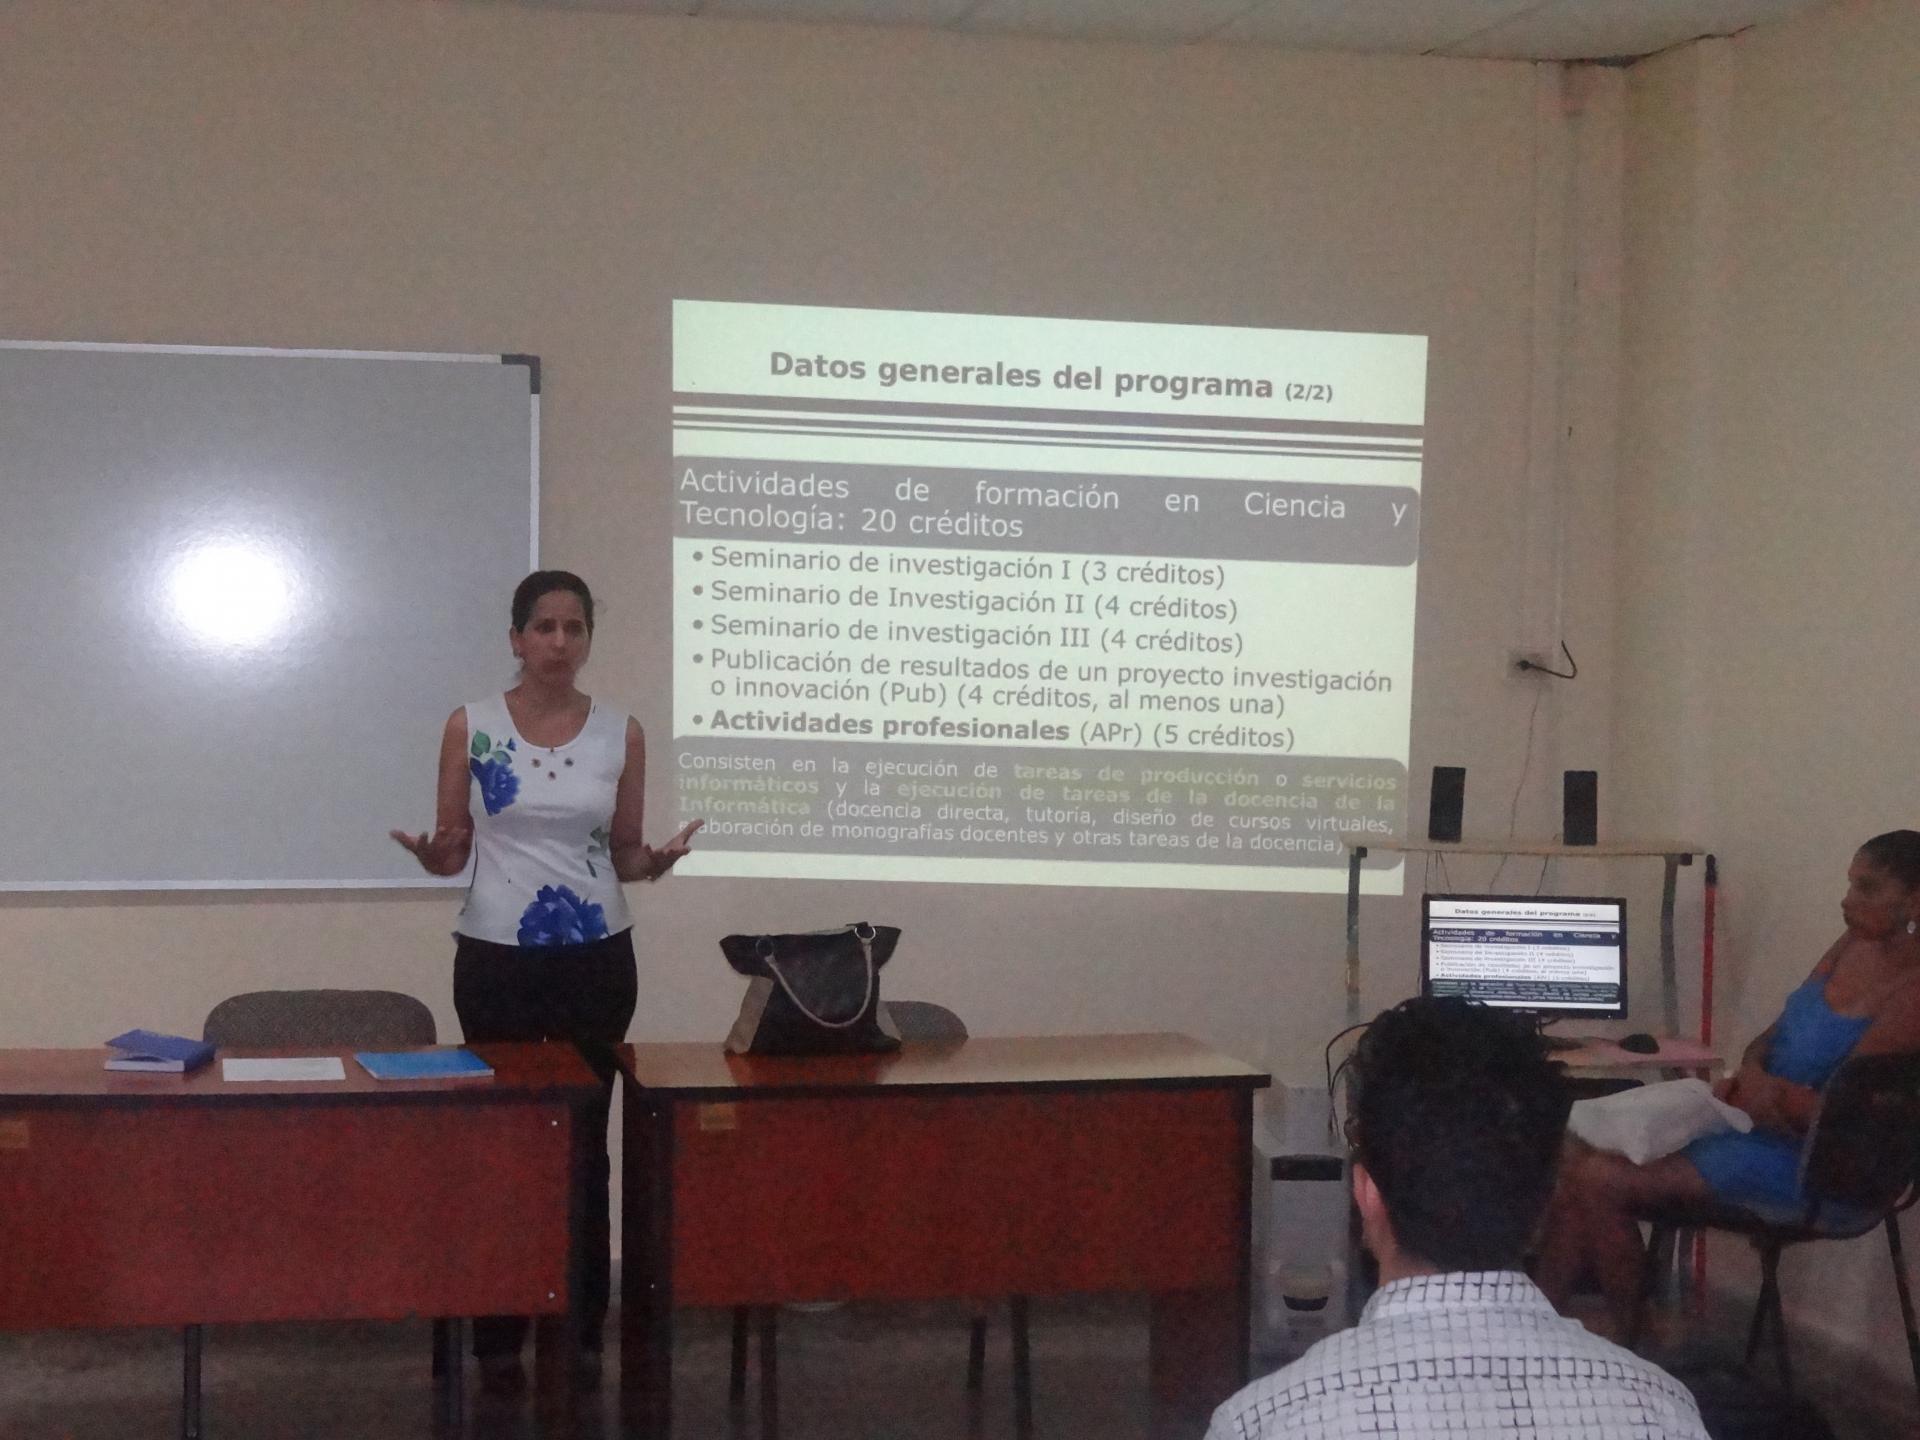 La Dra.C. Roxana Cañizares, directora de Educación de Posgrado en la UCI, presentó a los egresados el informe preliminar de la Maestría de Informática avanzada para su acreditación por la JAN